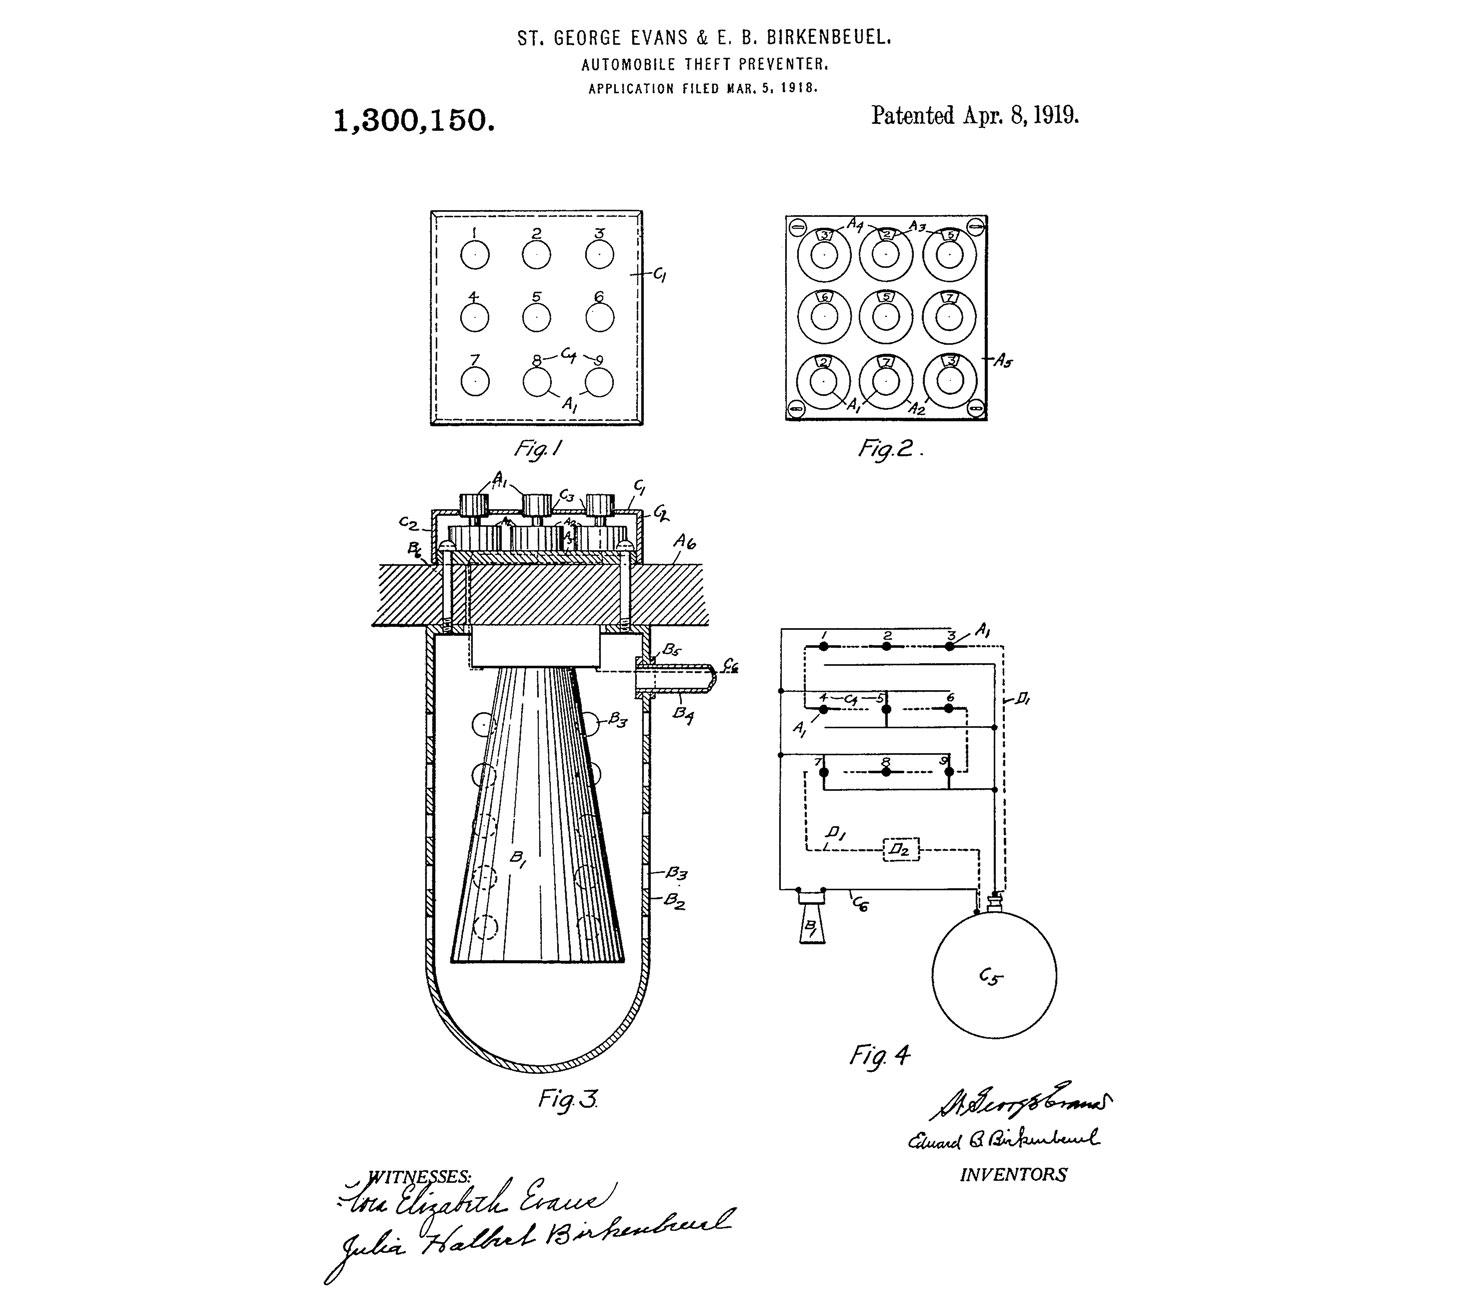 Автомобильная противоугонная система была впервые запатентована в 1919 году